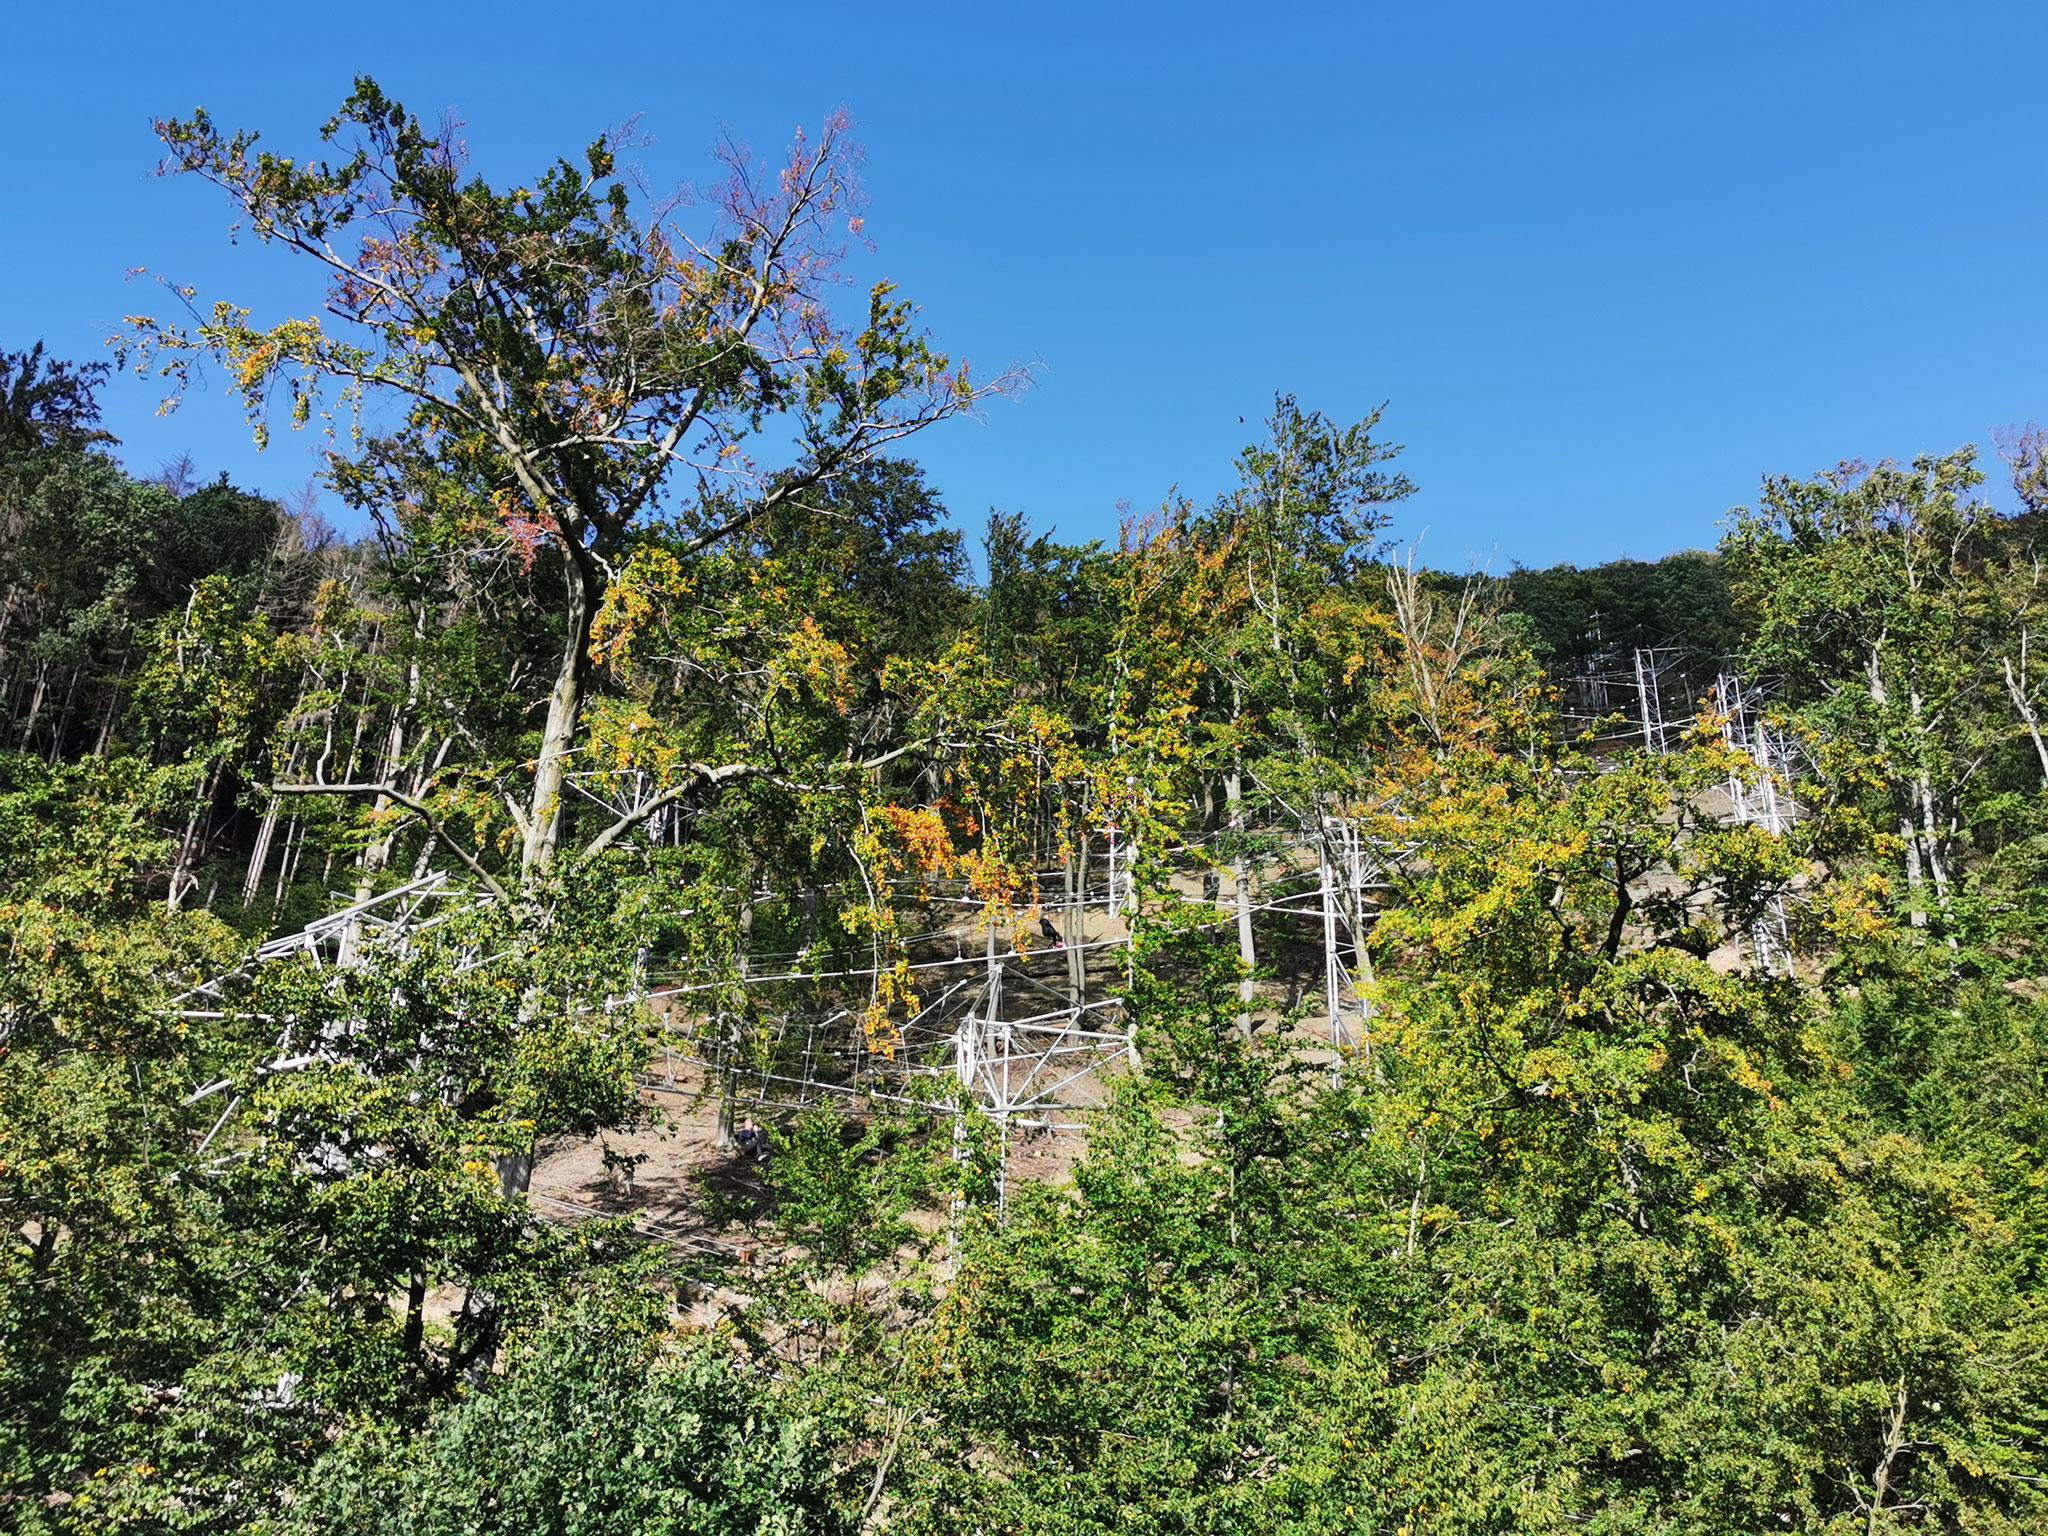 Der Wald zum Greifen nahe - Baumschwebebahn Harz